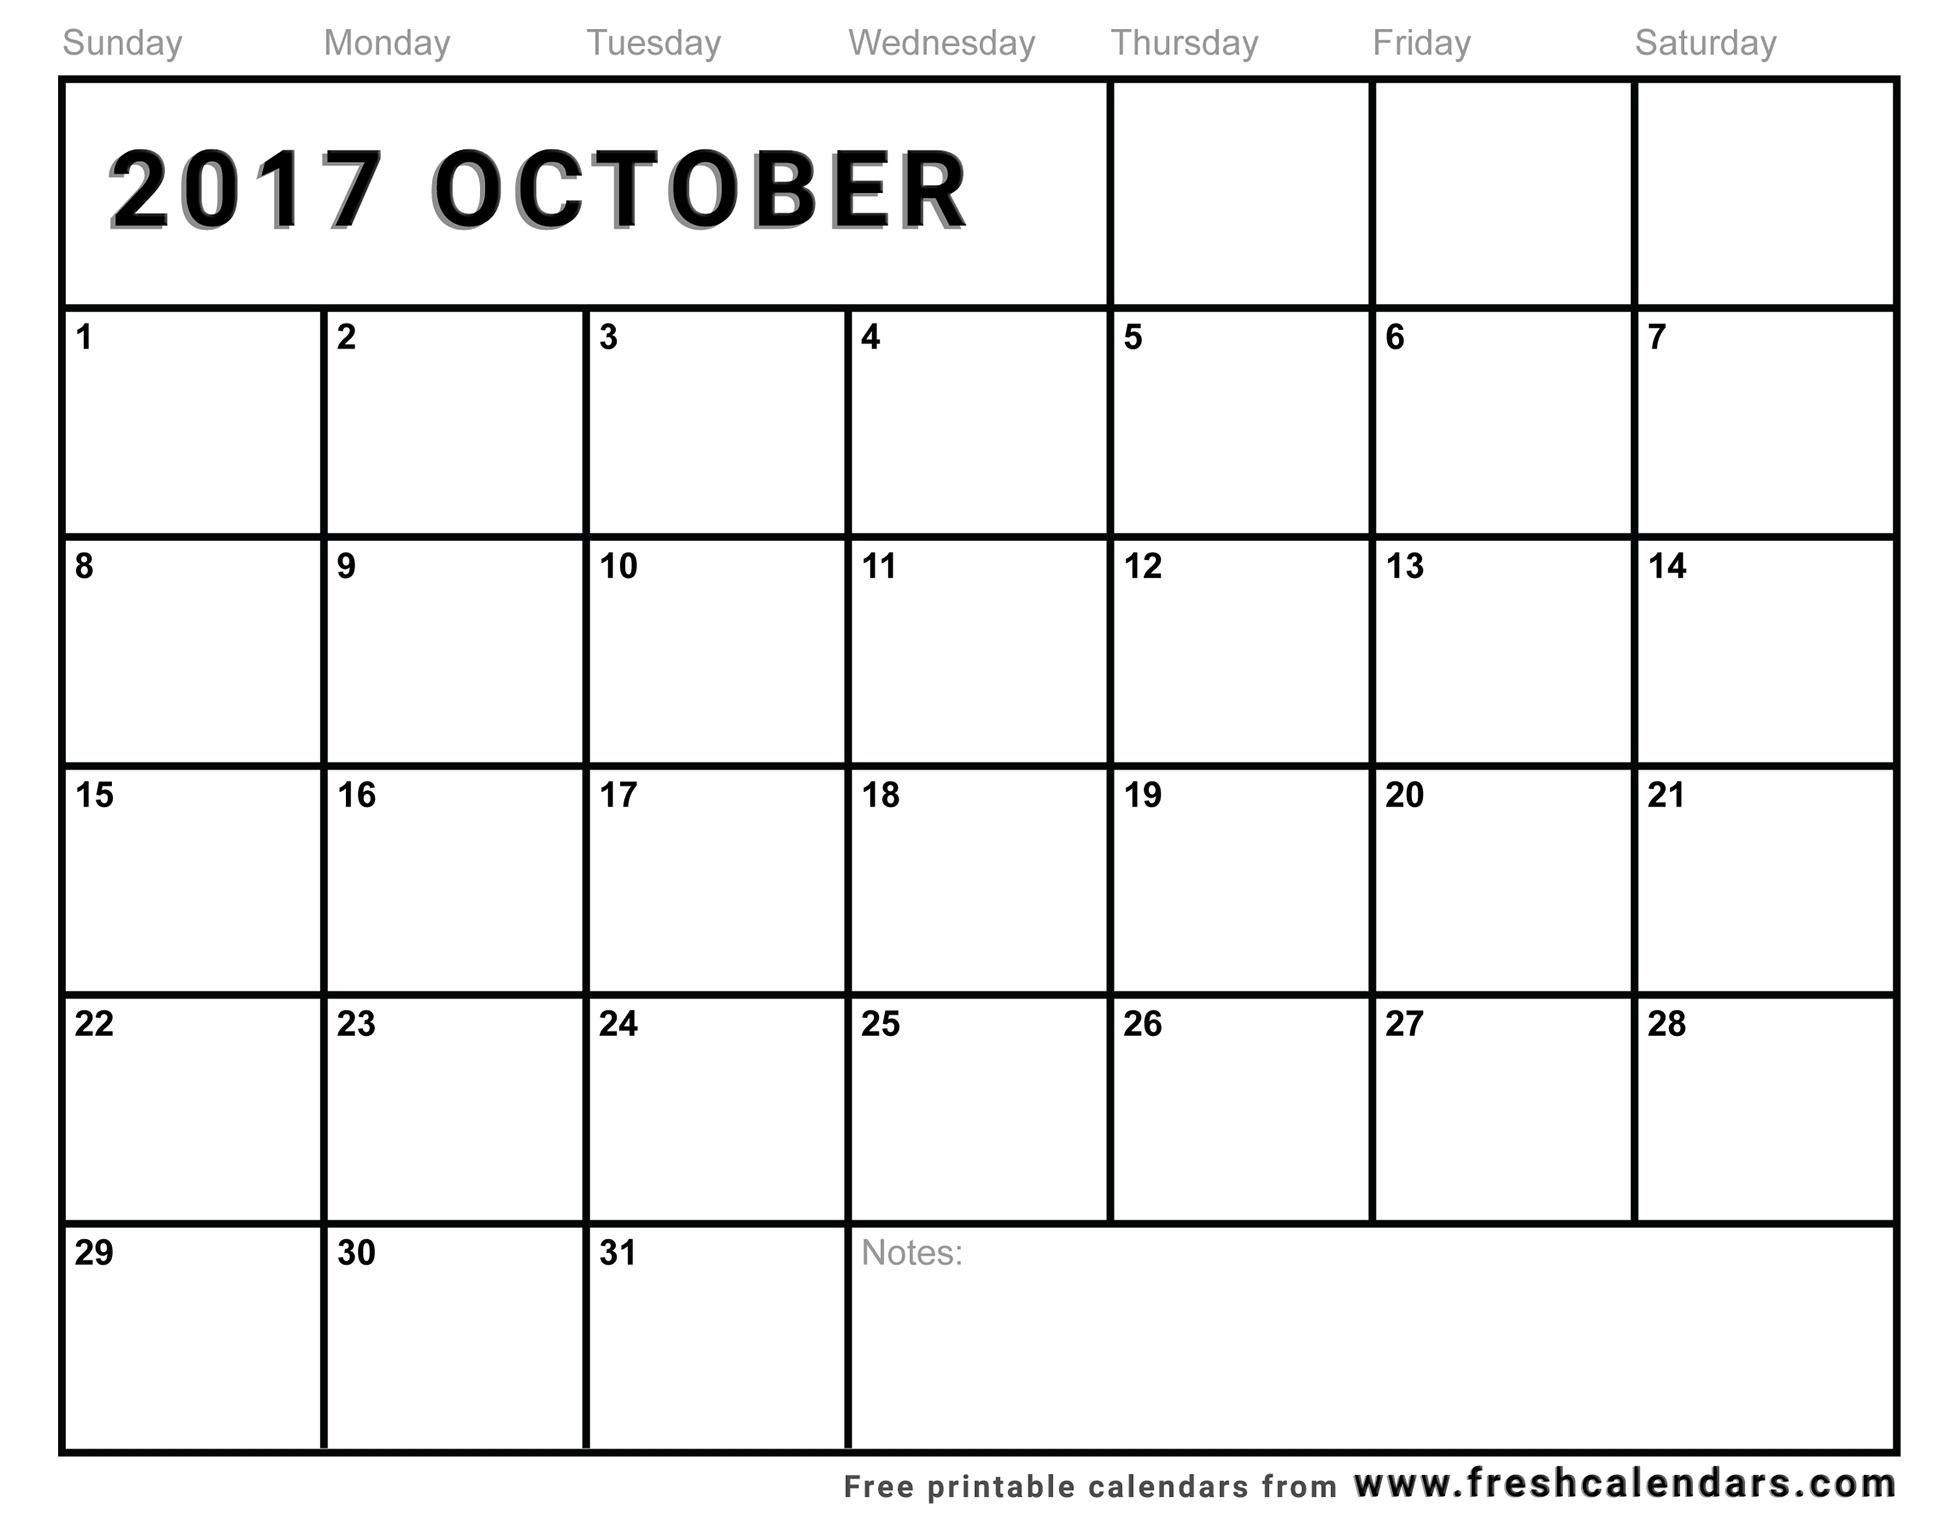 October 2017 Printable Calendar Templates3abry